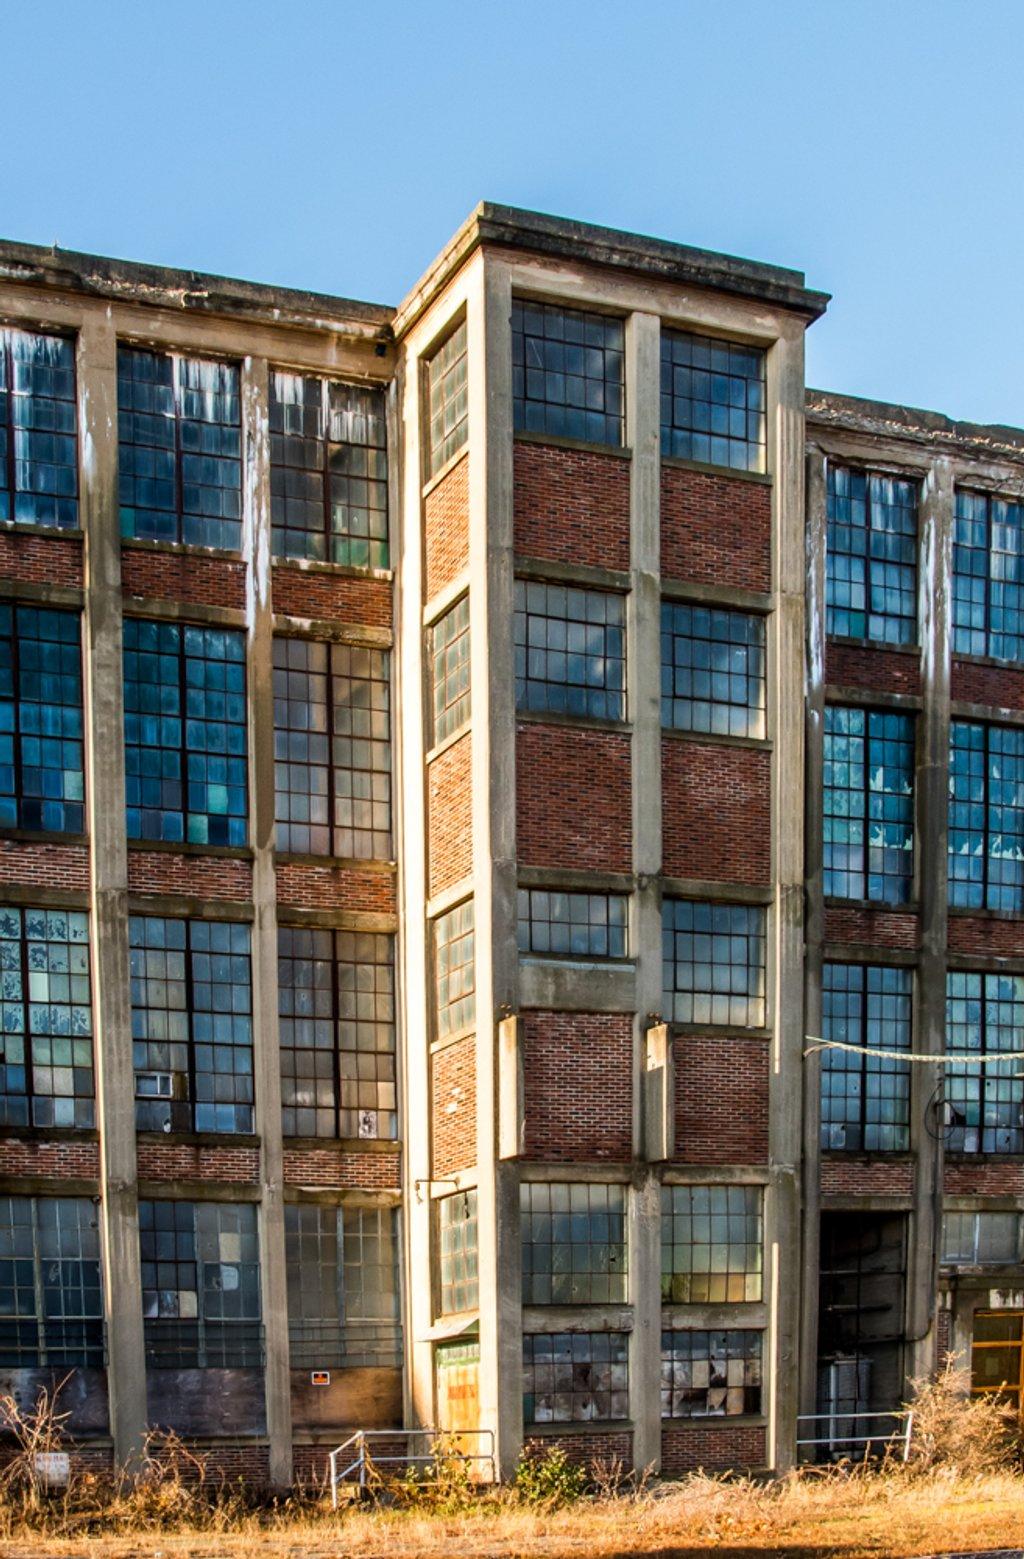 Sanford Mill by joansmor